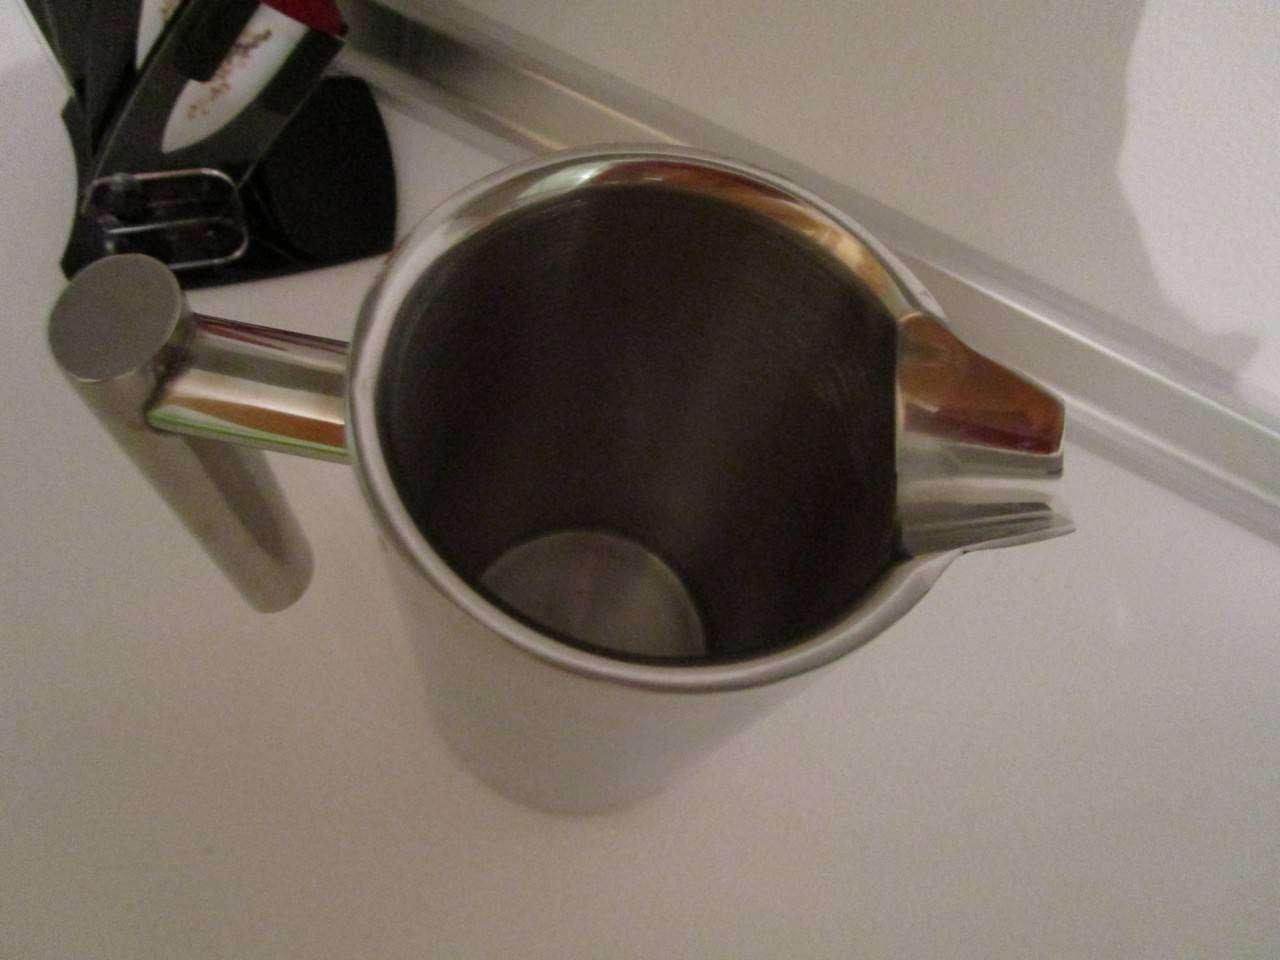 GearBest: Кофейник, который сохраняет ваш кофе горячим